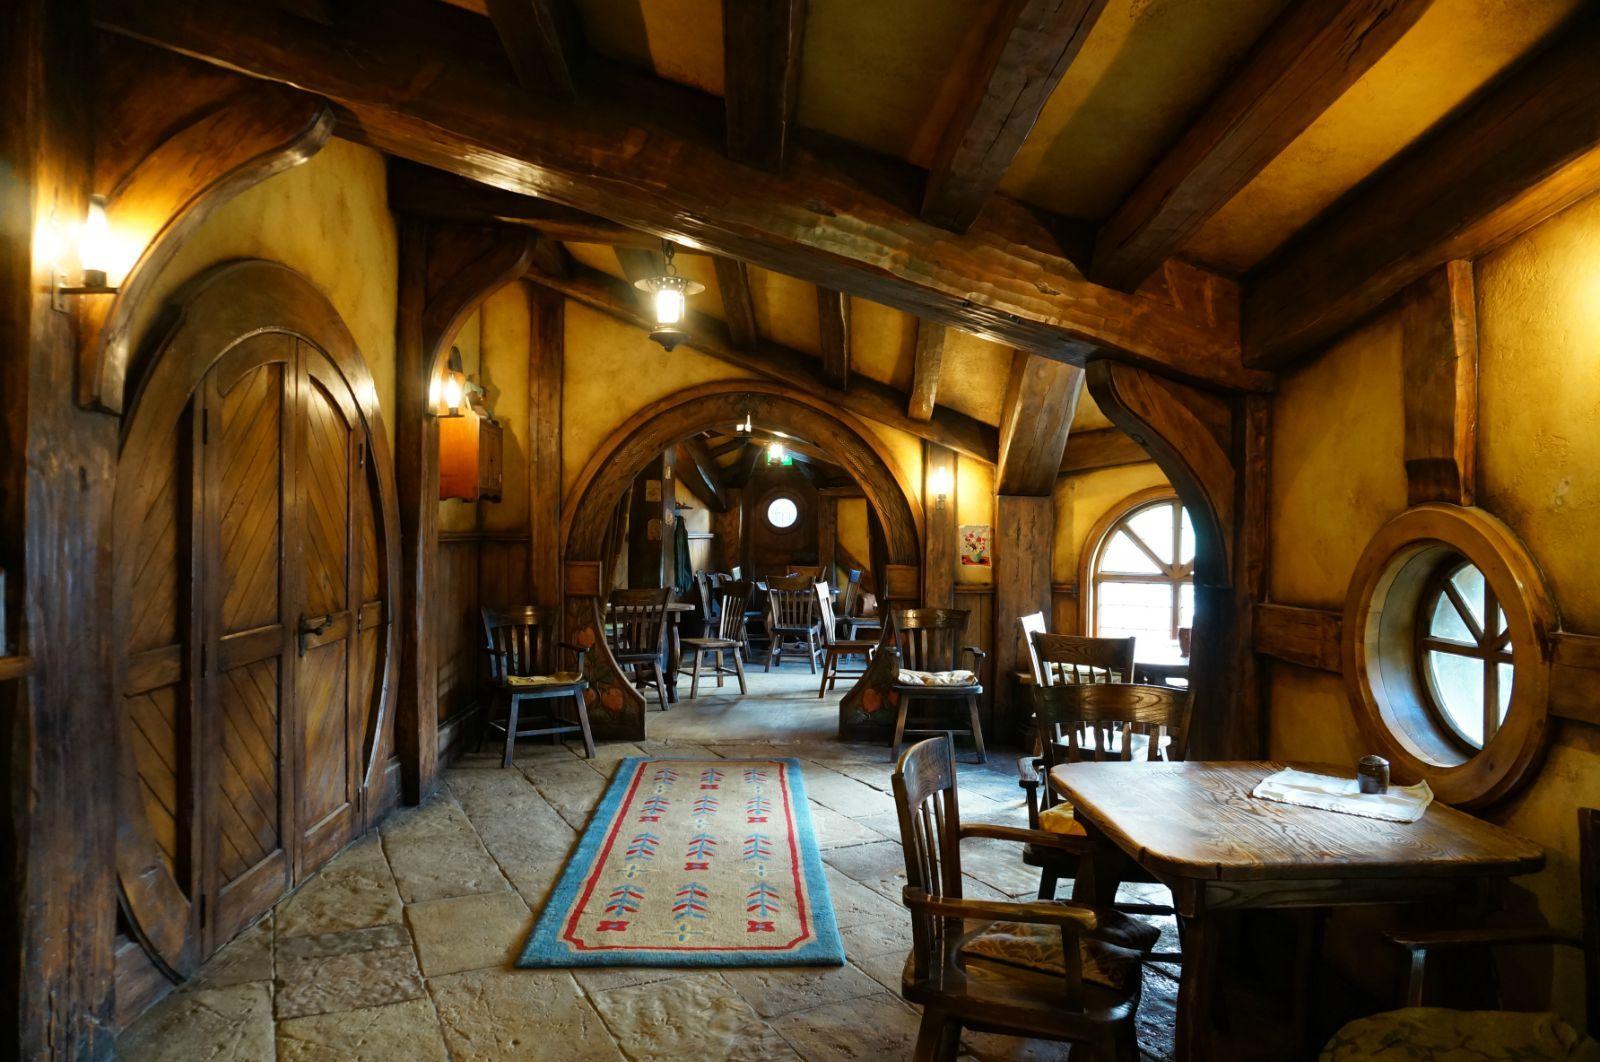 霍比屯-绿龙酒吧内景2